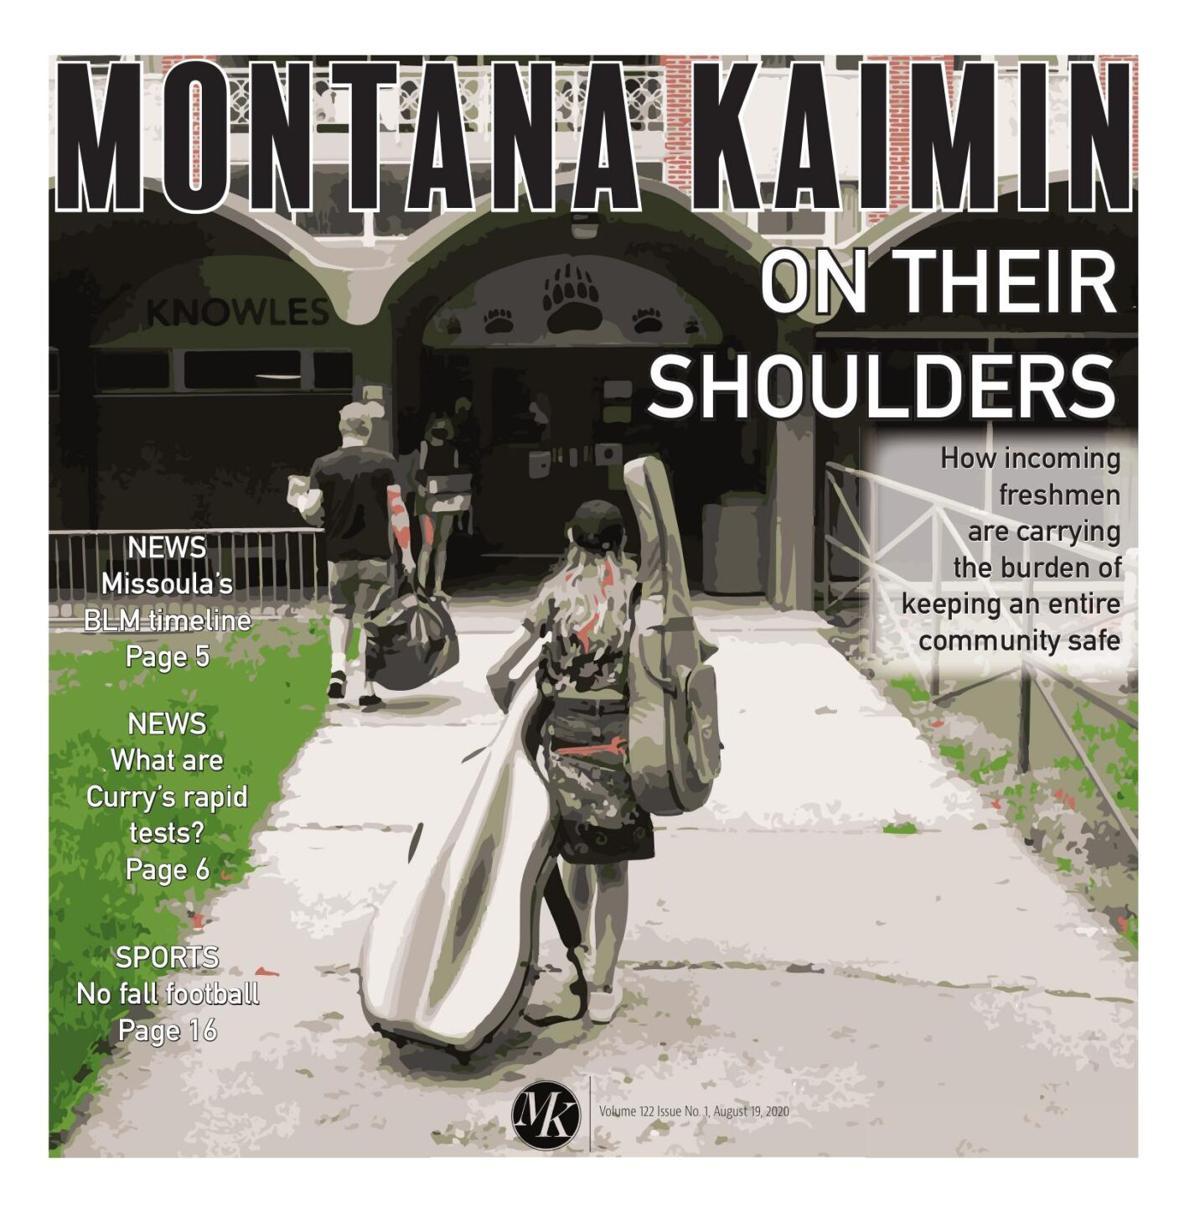 Montana Kaimin   Vol 123 Issue no. 01 08.19.2020